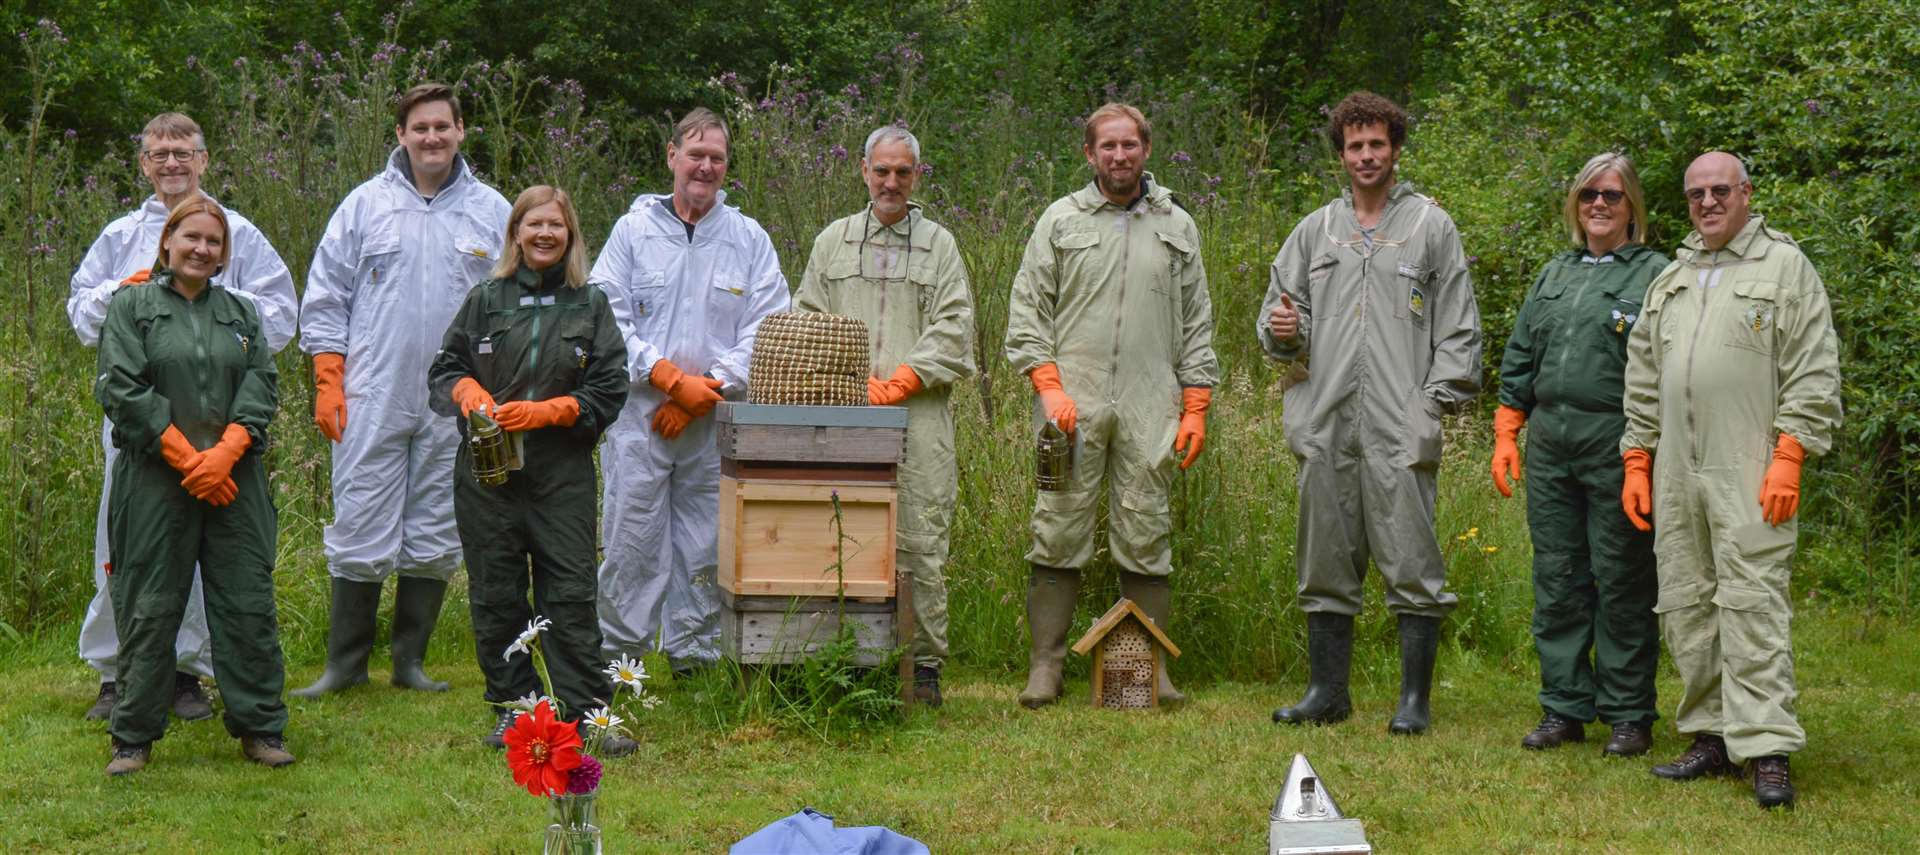 Simon Noble organizes beekeeping experience days